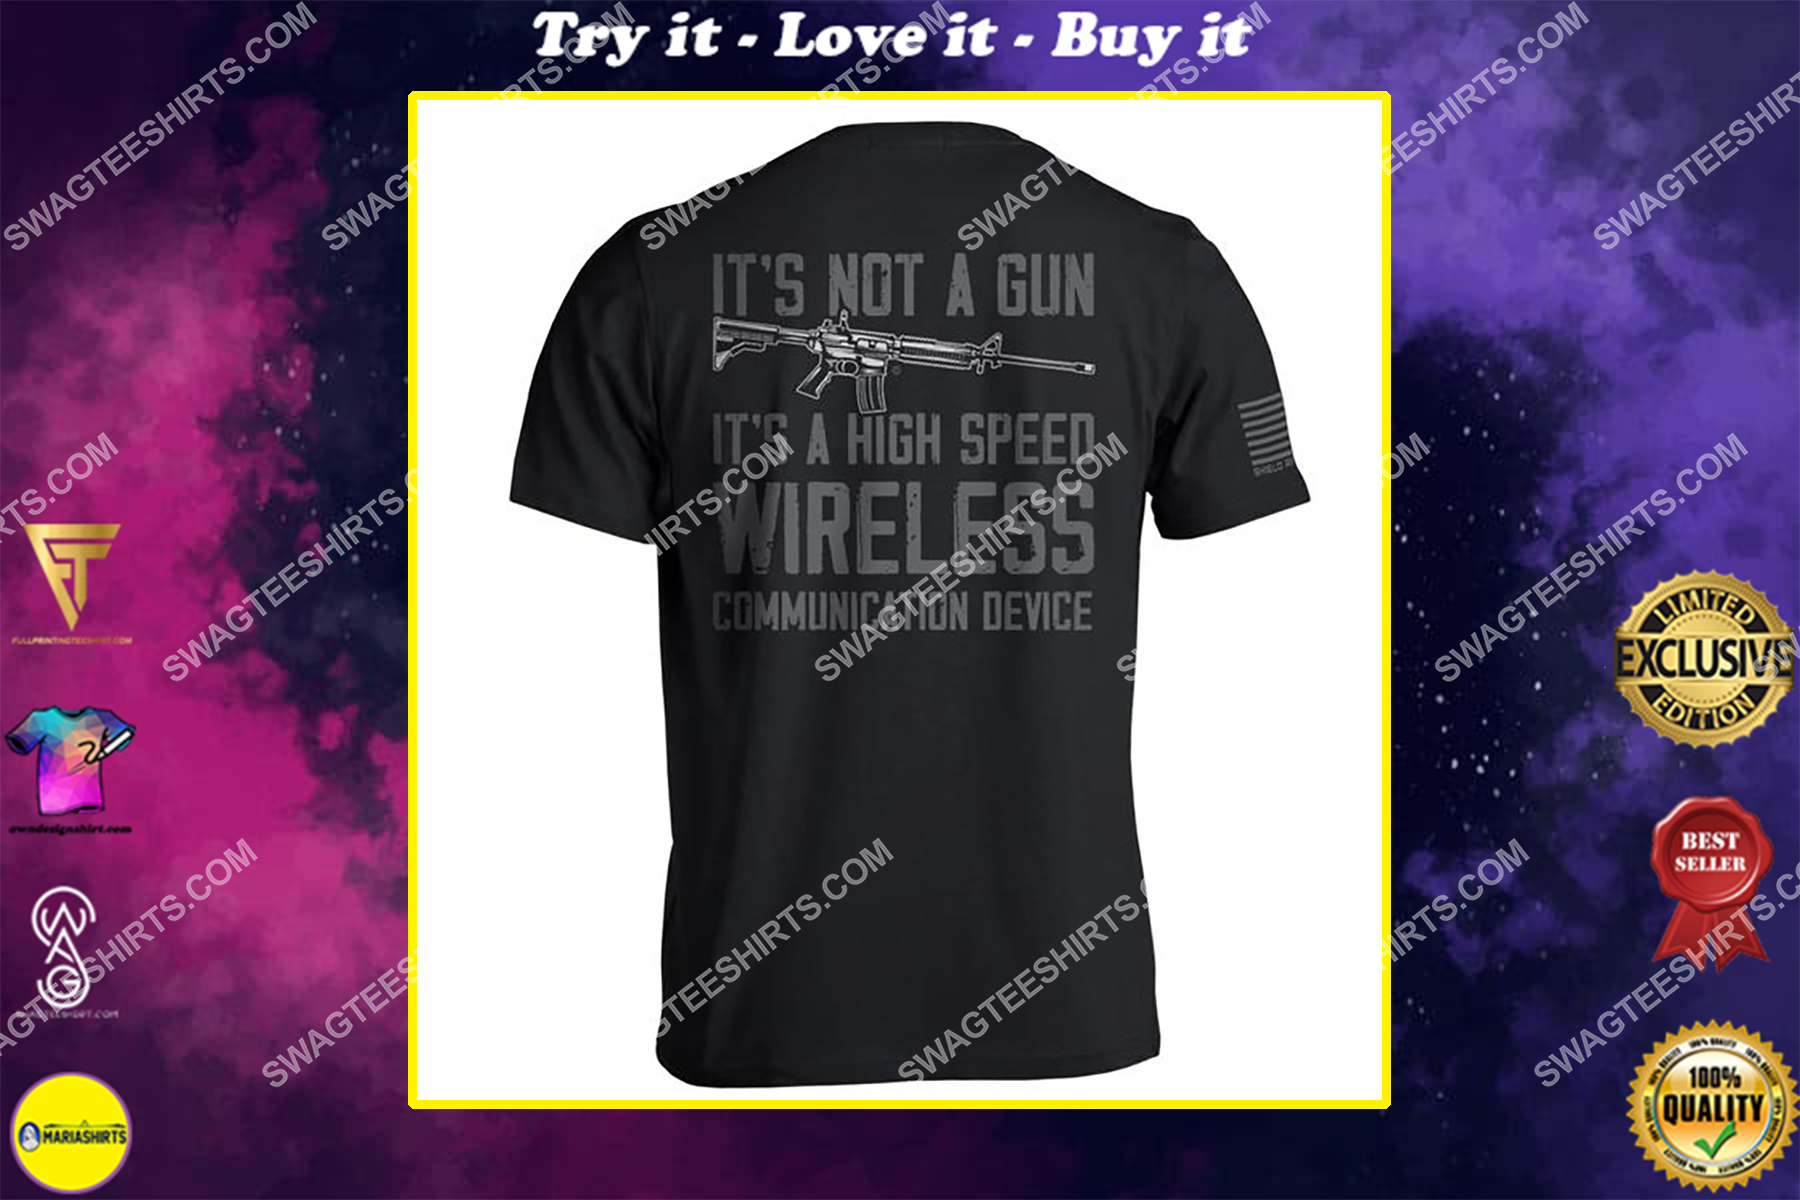 high speed wireless communication device gun control political shirt